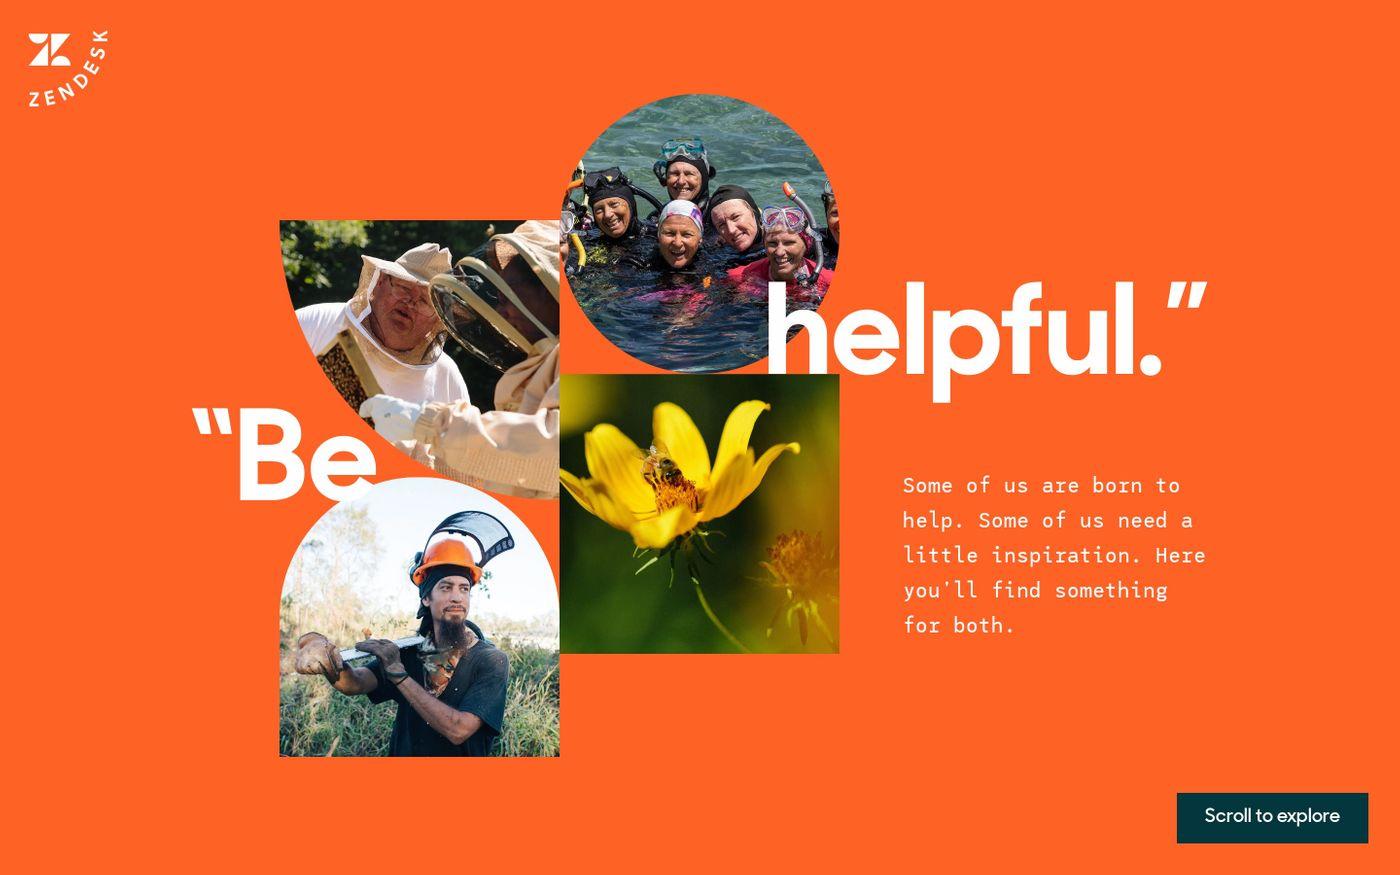 Screenshot of Zendesk helpers website